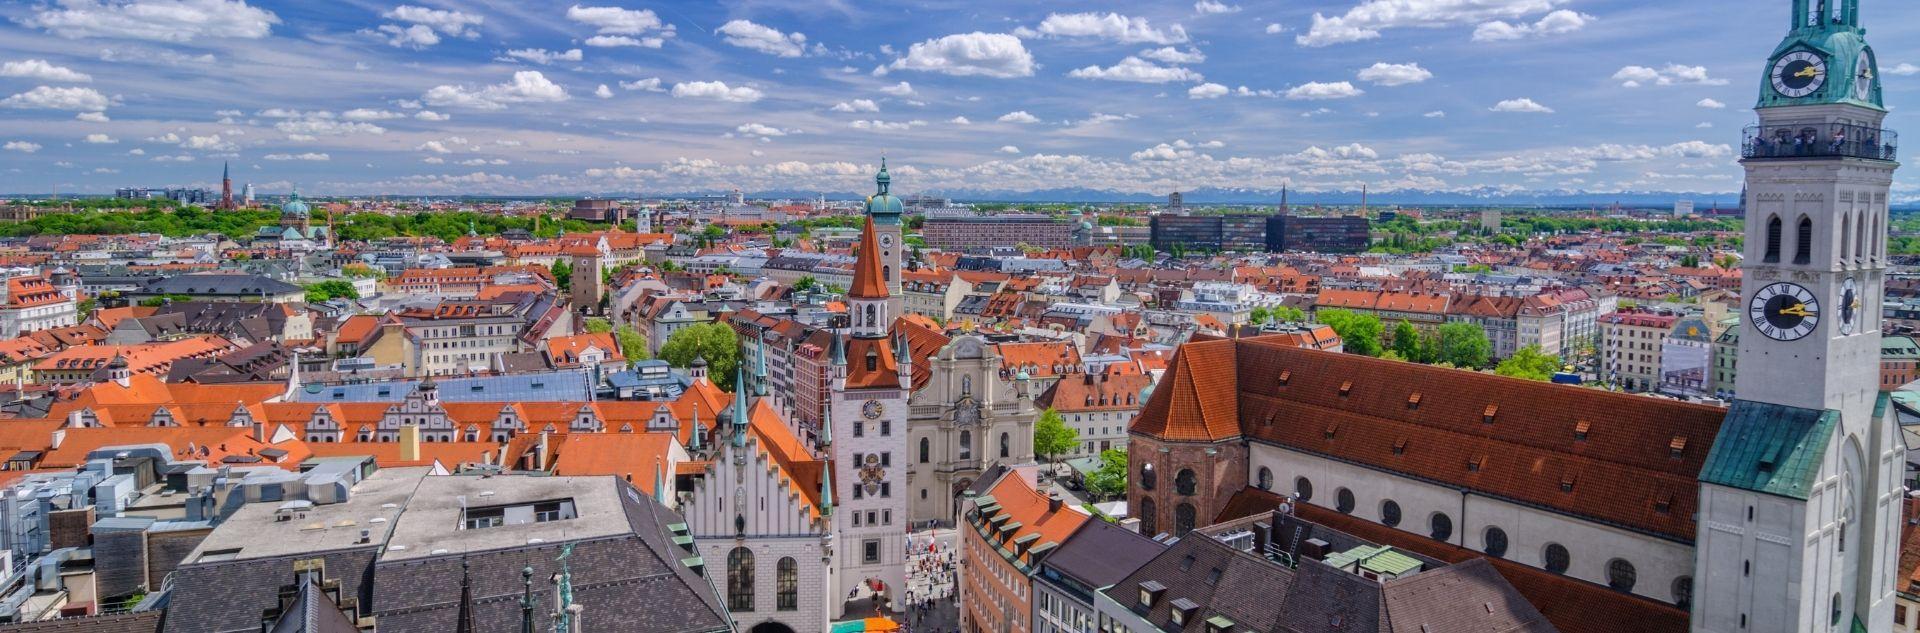 München von oben mit Alpen